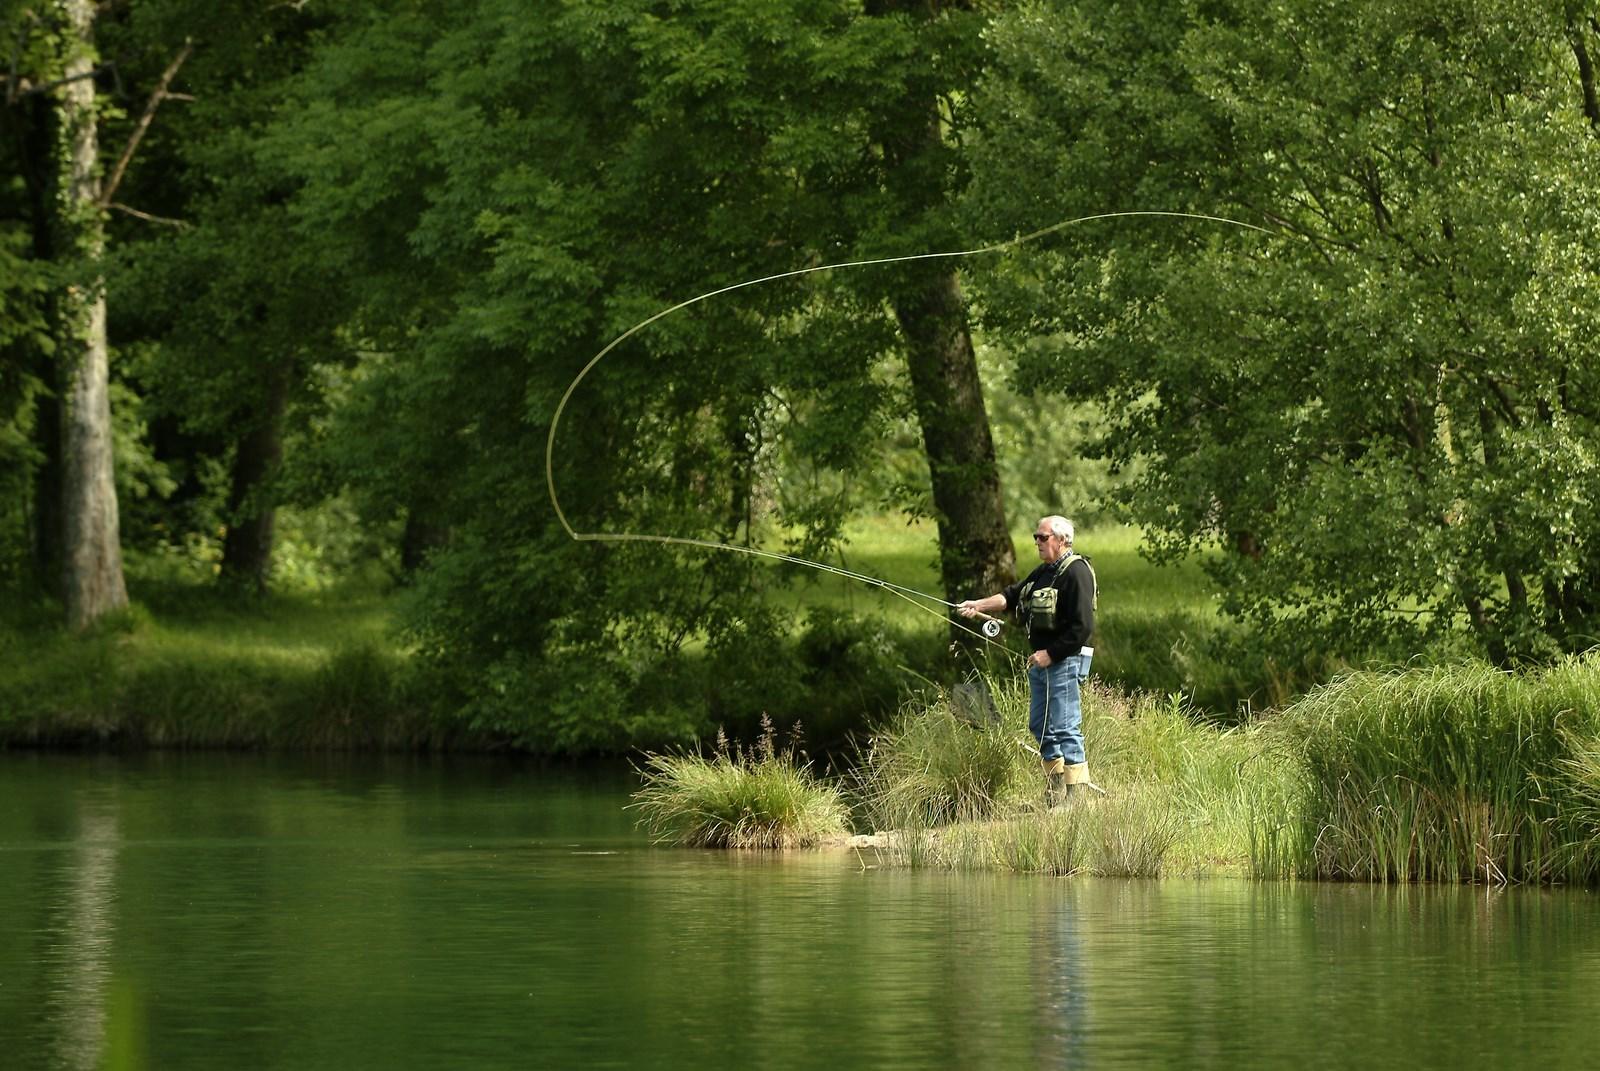 Pêche à la mouche en Meuse - Michel Petit